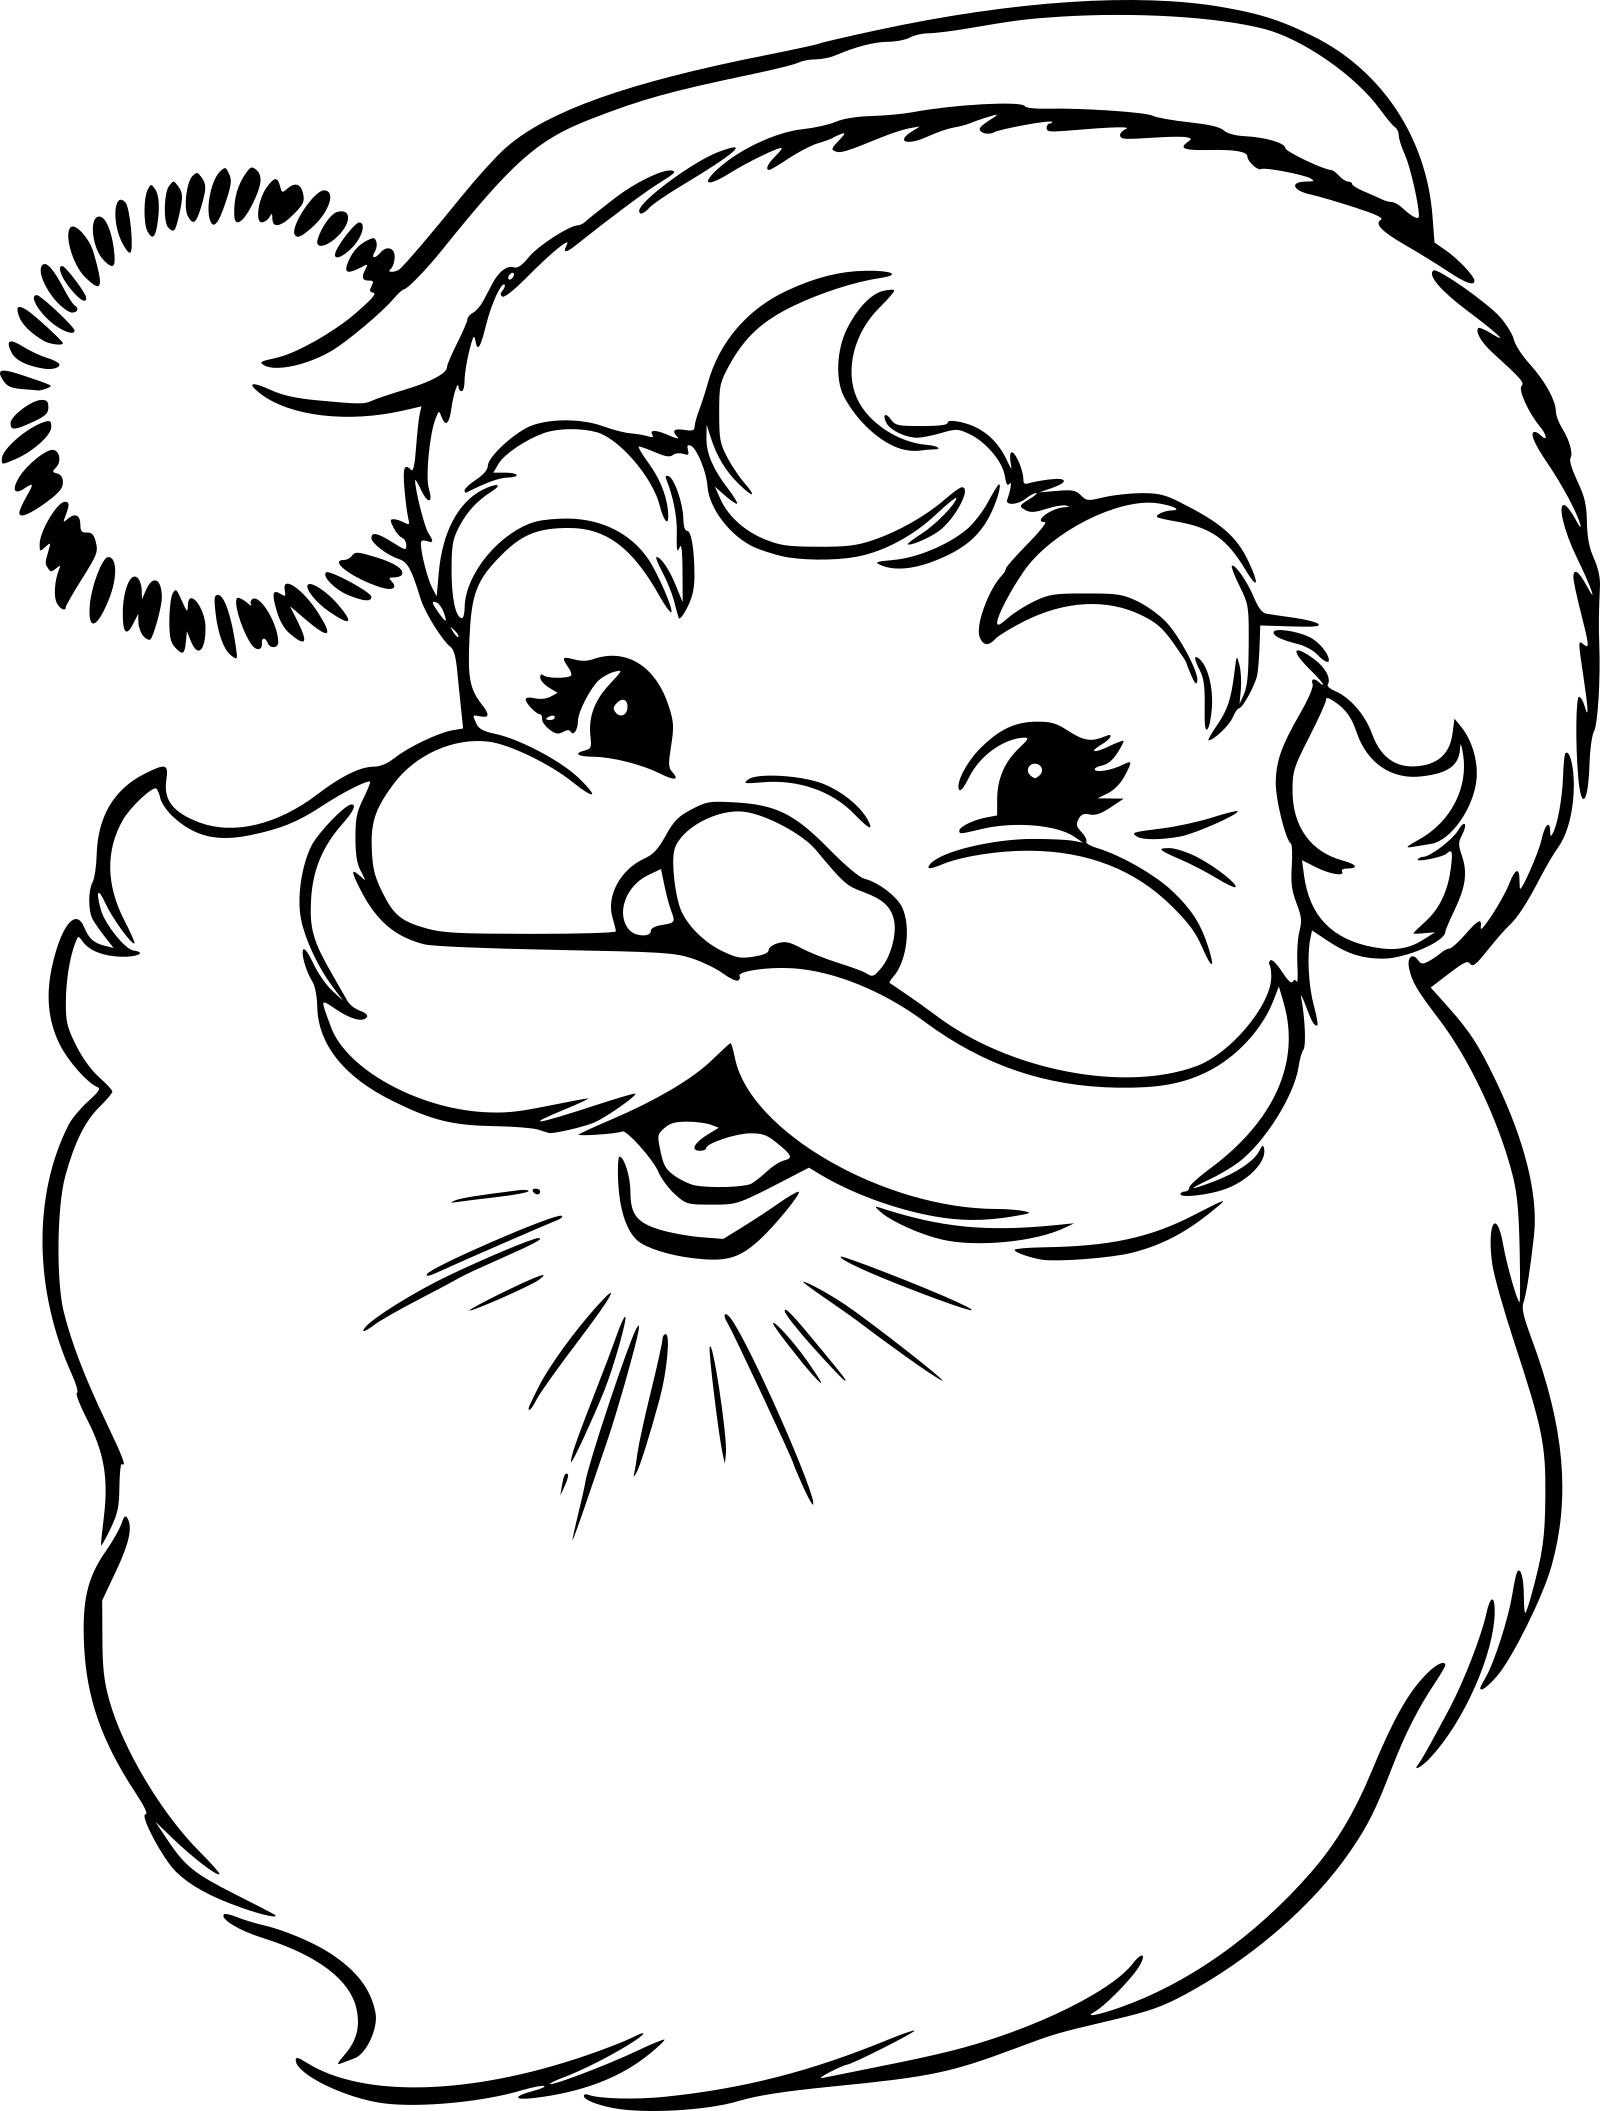 Coloriage Tête Père Noël À Imprimer Sur Coloriages dedans Pere Noel À Colorier Et Imprimer